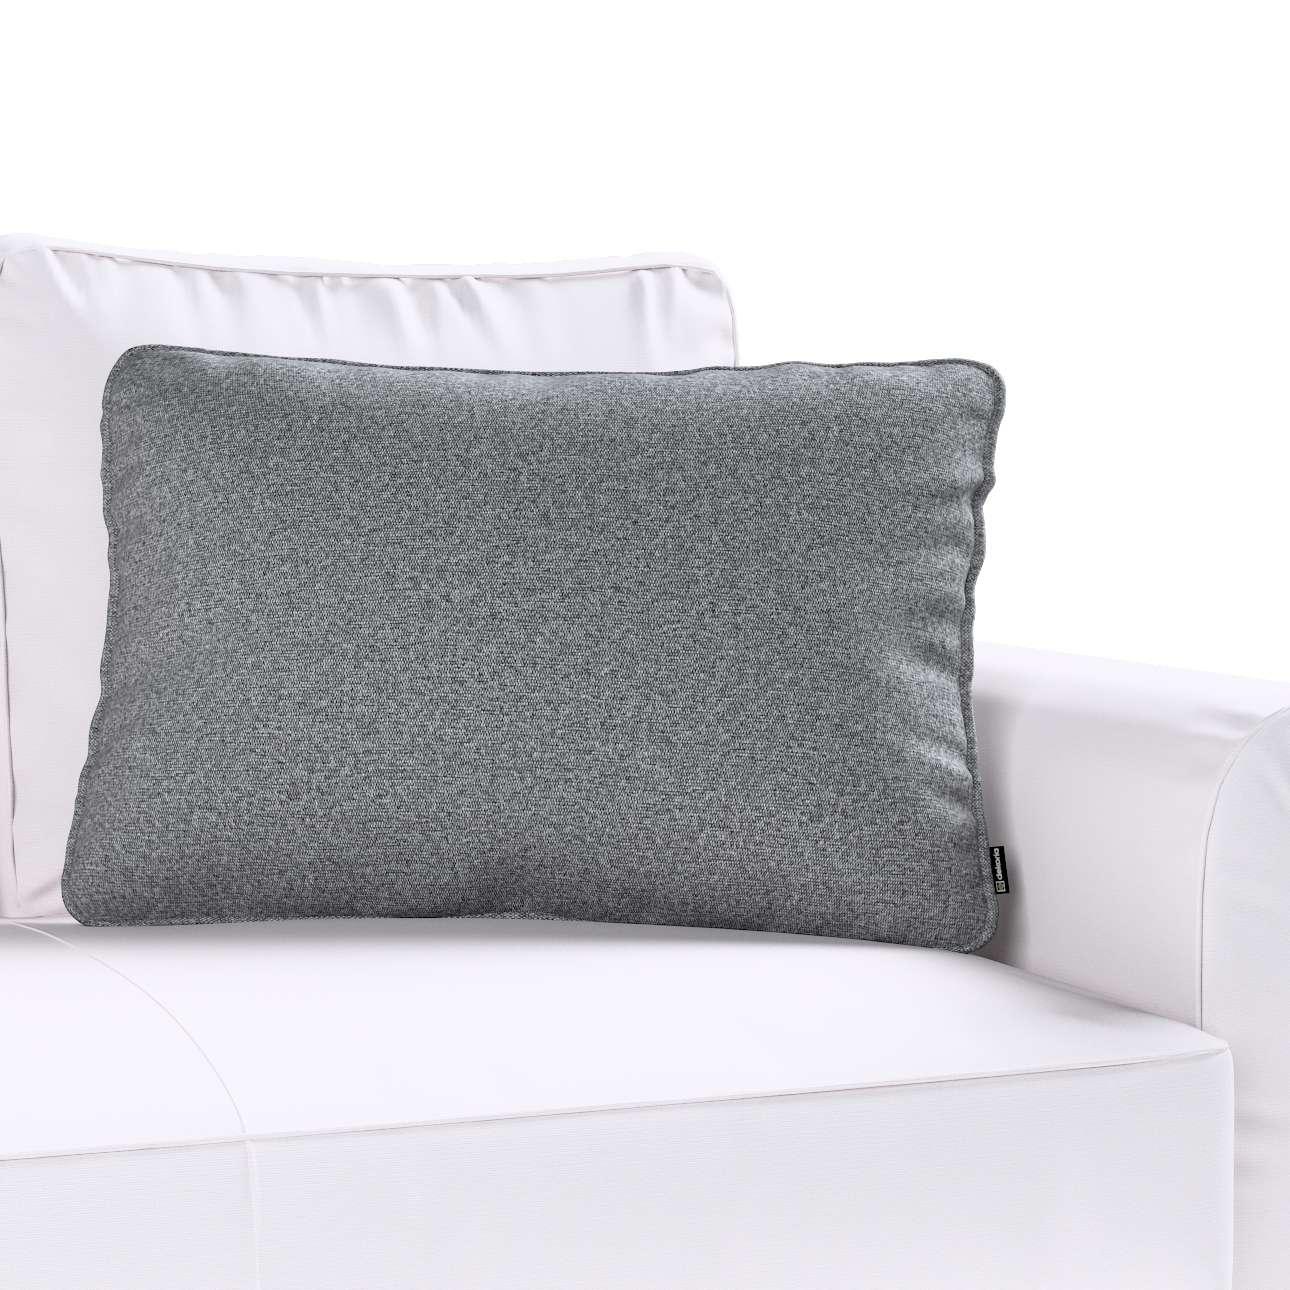 Poszewka Gabi na poduszkę prostokątna w kolekcji Amsterdam, tkanina: 704-47